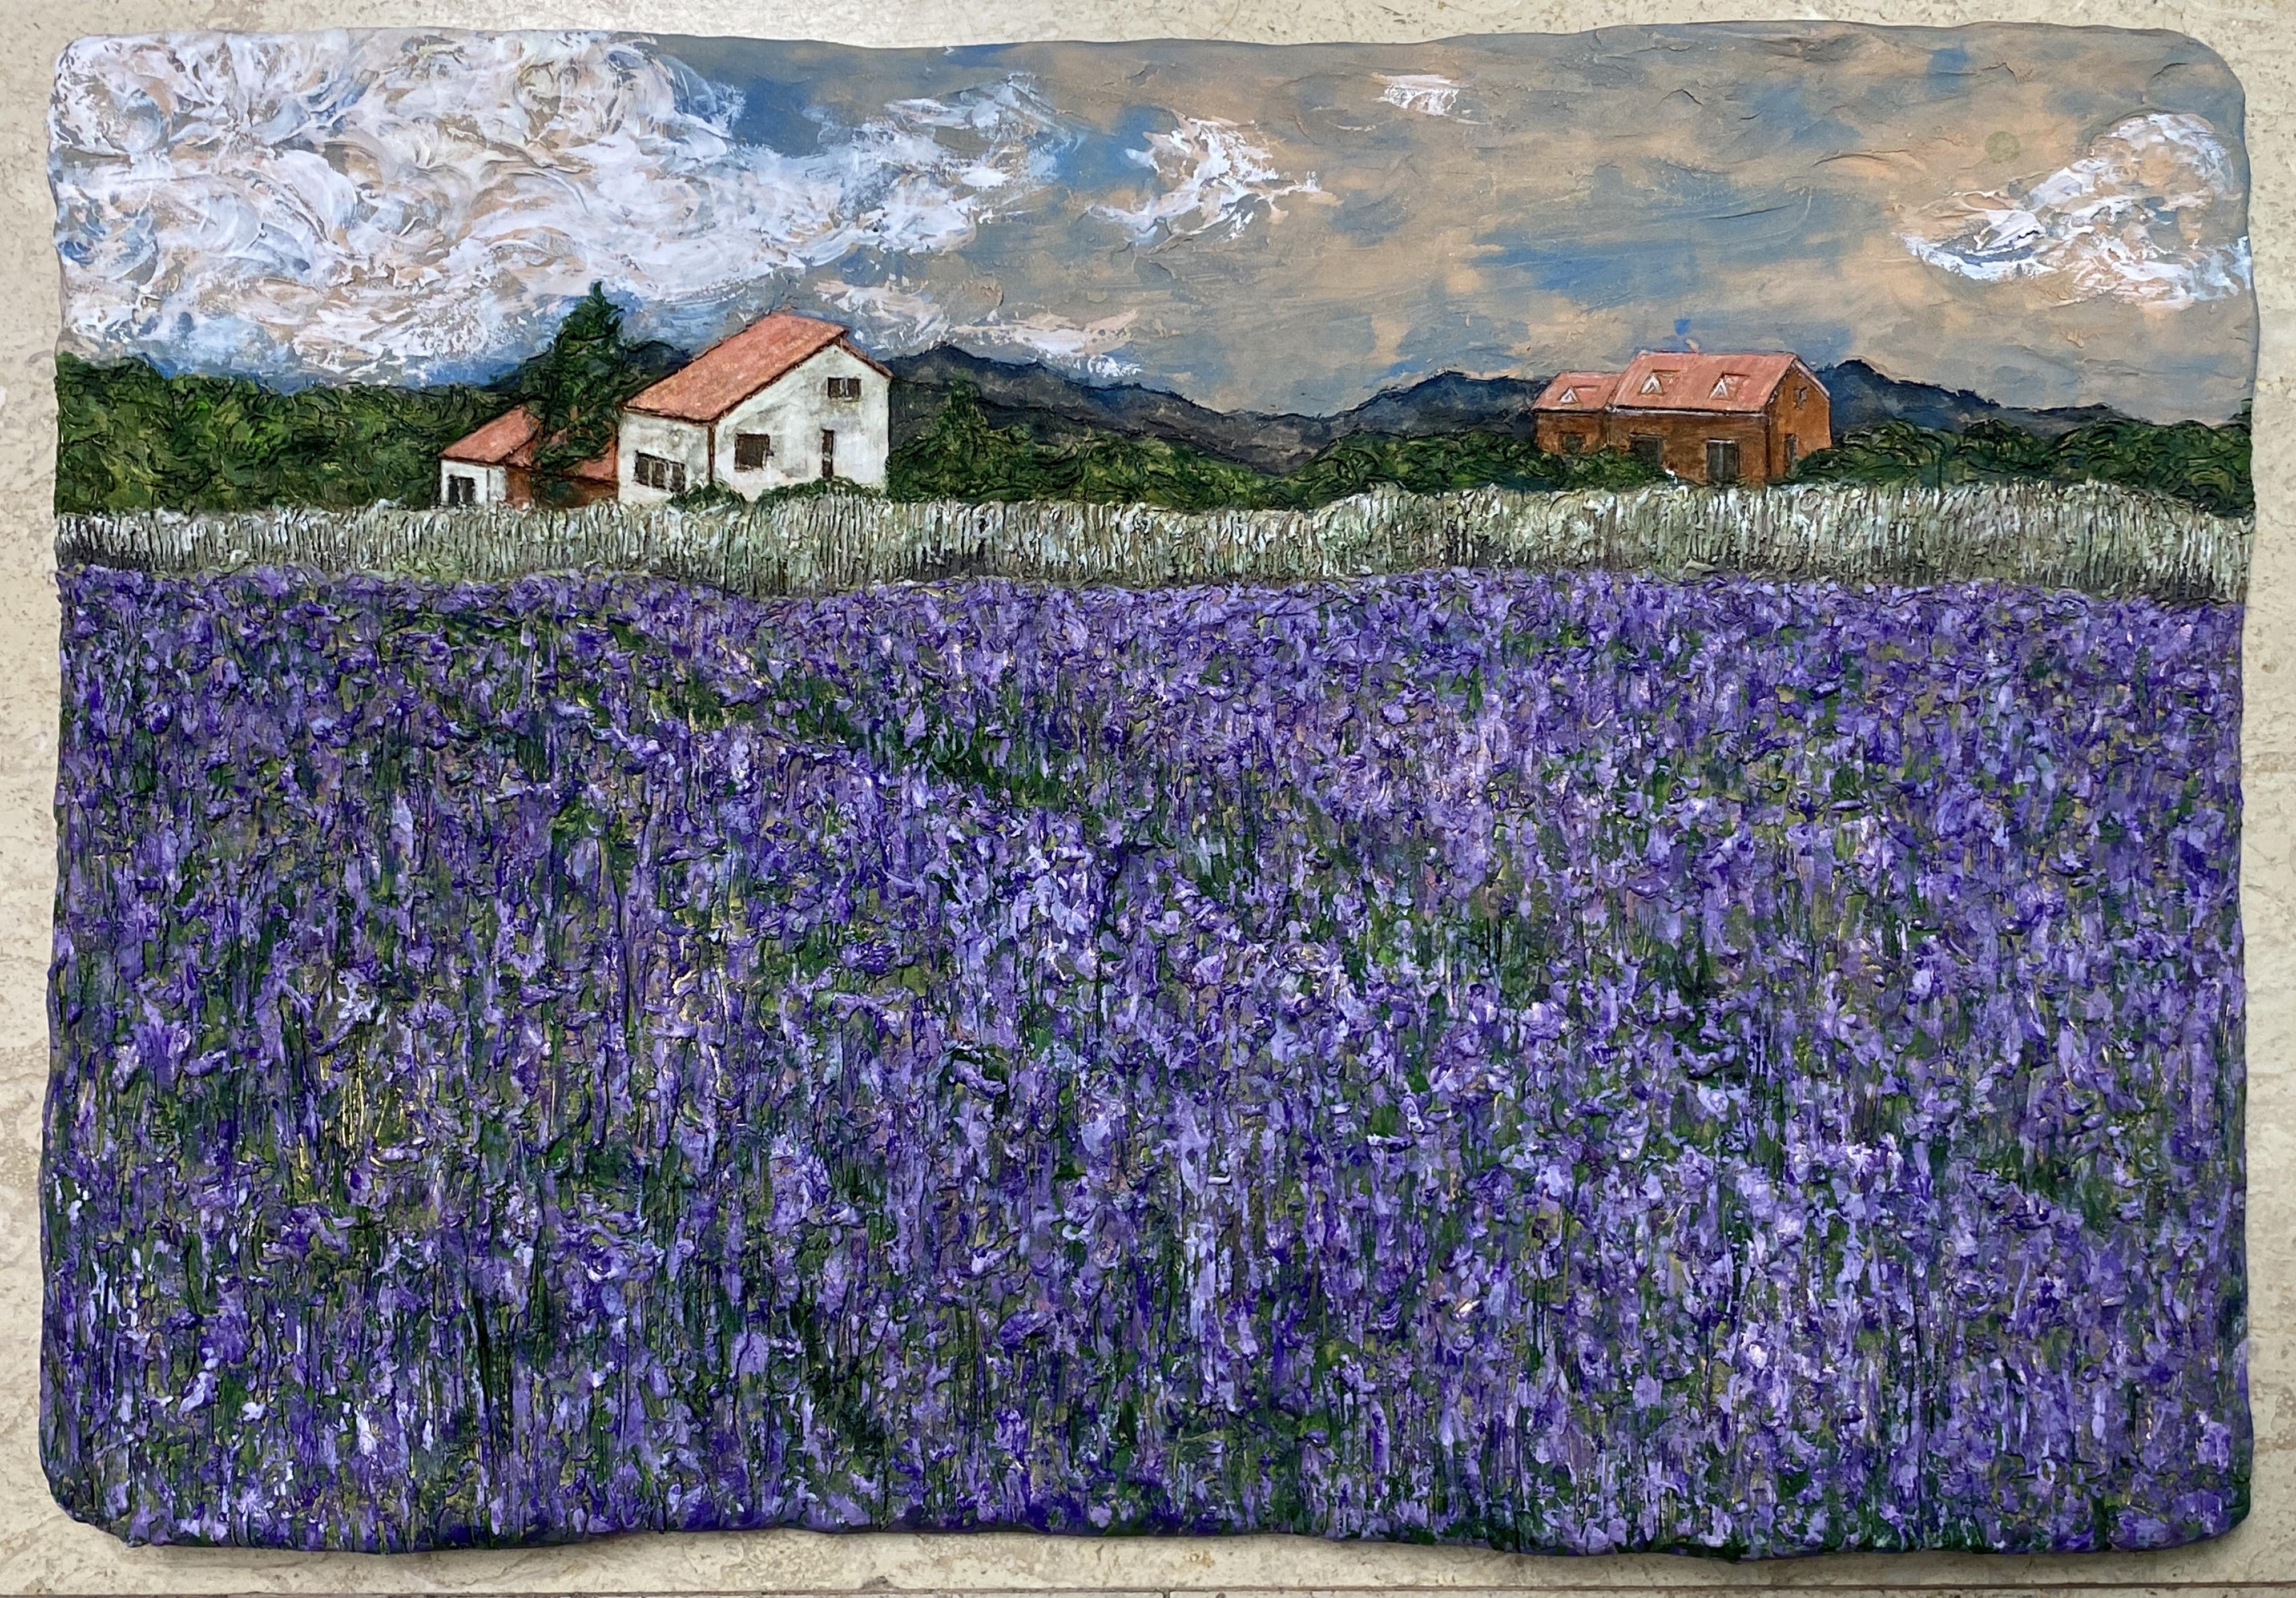 이지숙2, 찰나- 꽃대마을2, 54 x 36 x 5 cm, 테라코타 위에